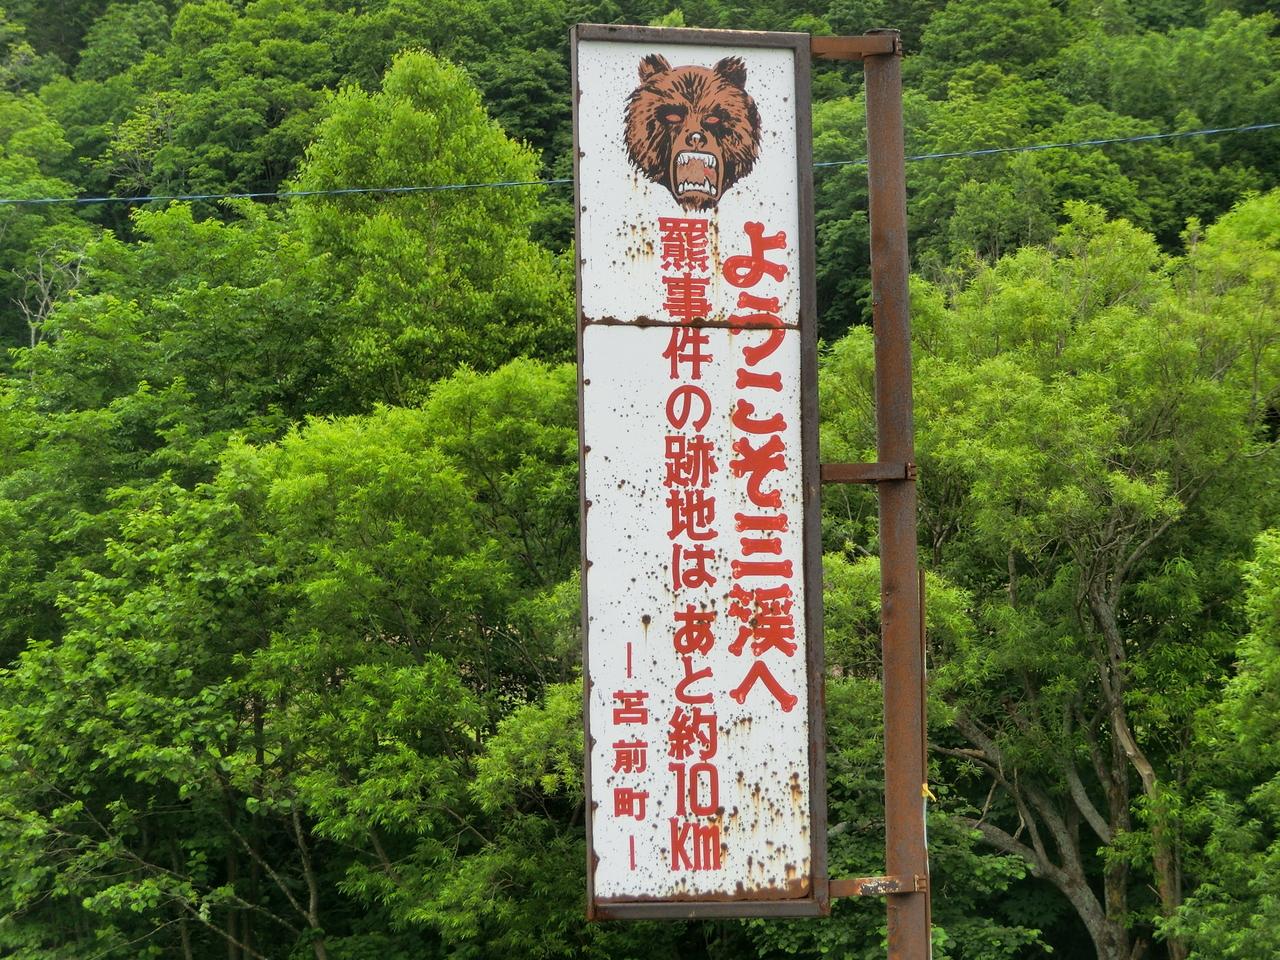 日本最大の「獣害」とは? その爪痕が残る場所に行ってみた! 札幌